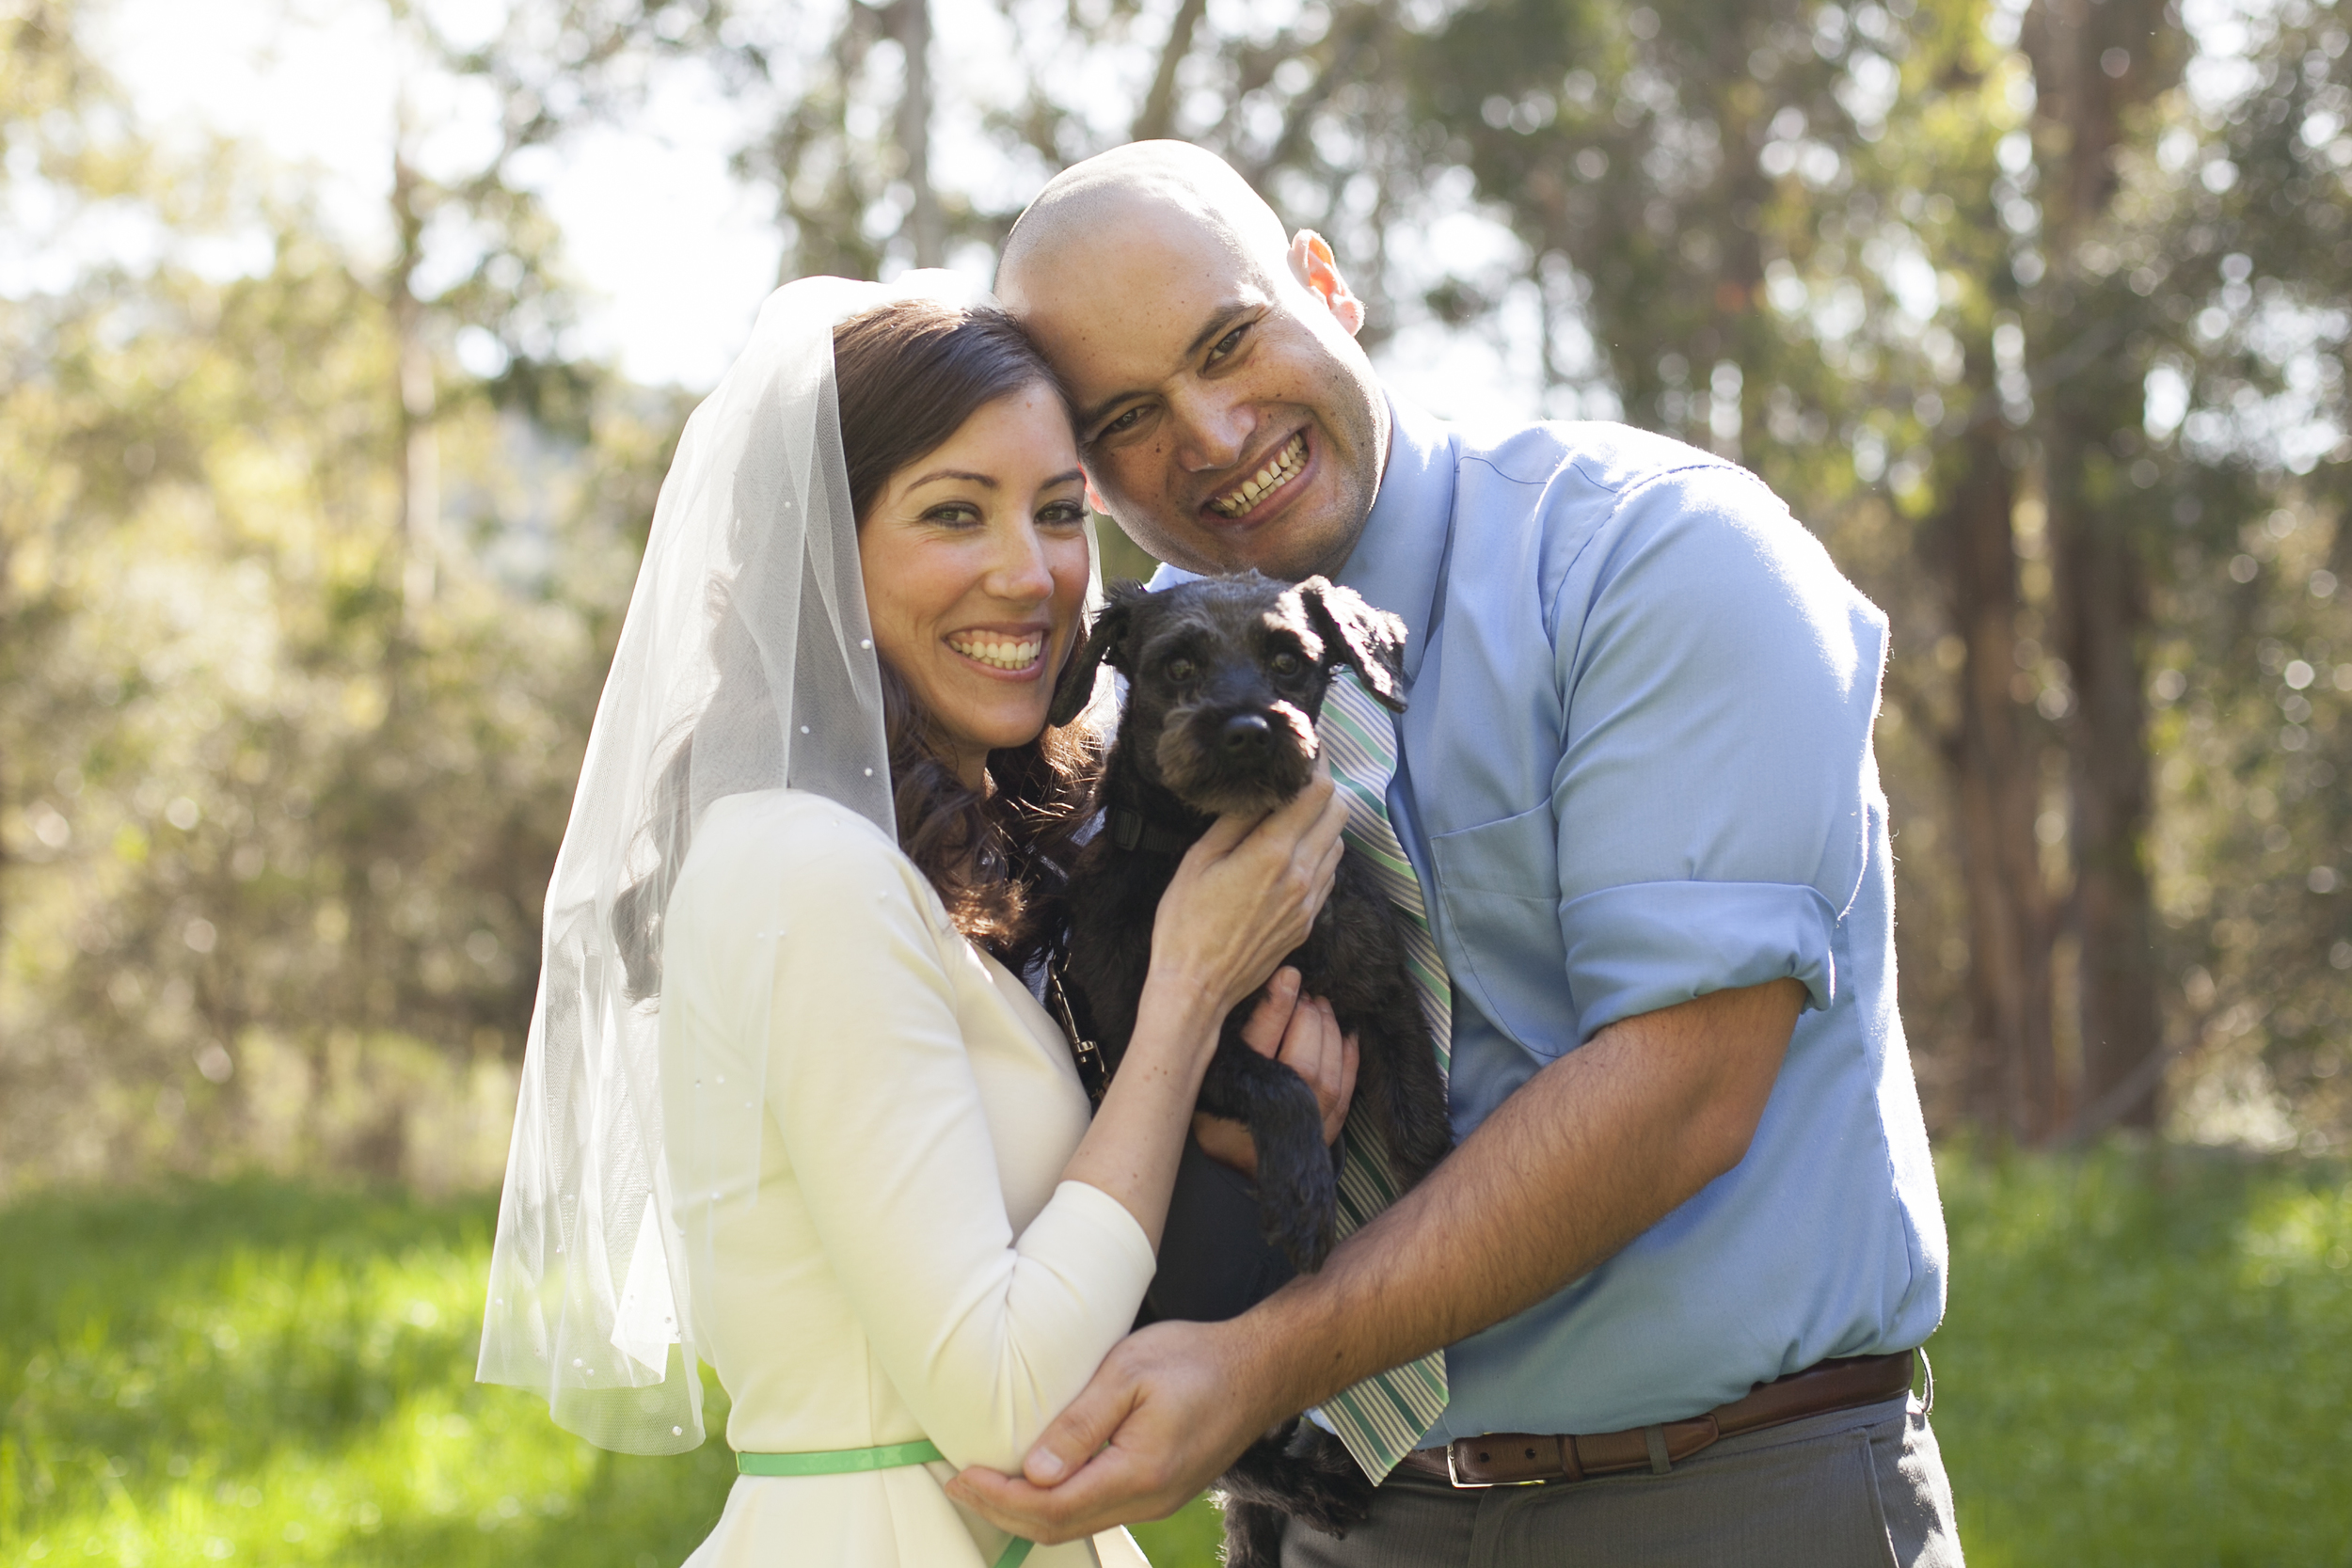 Tilden Park Berkeley Wedding Photographer-Meo Baaklini027.jpg